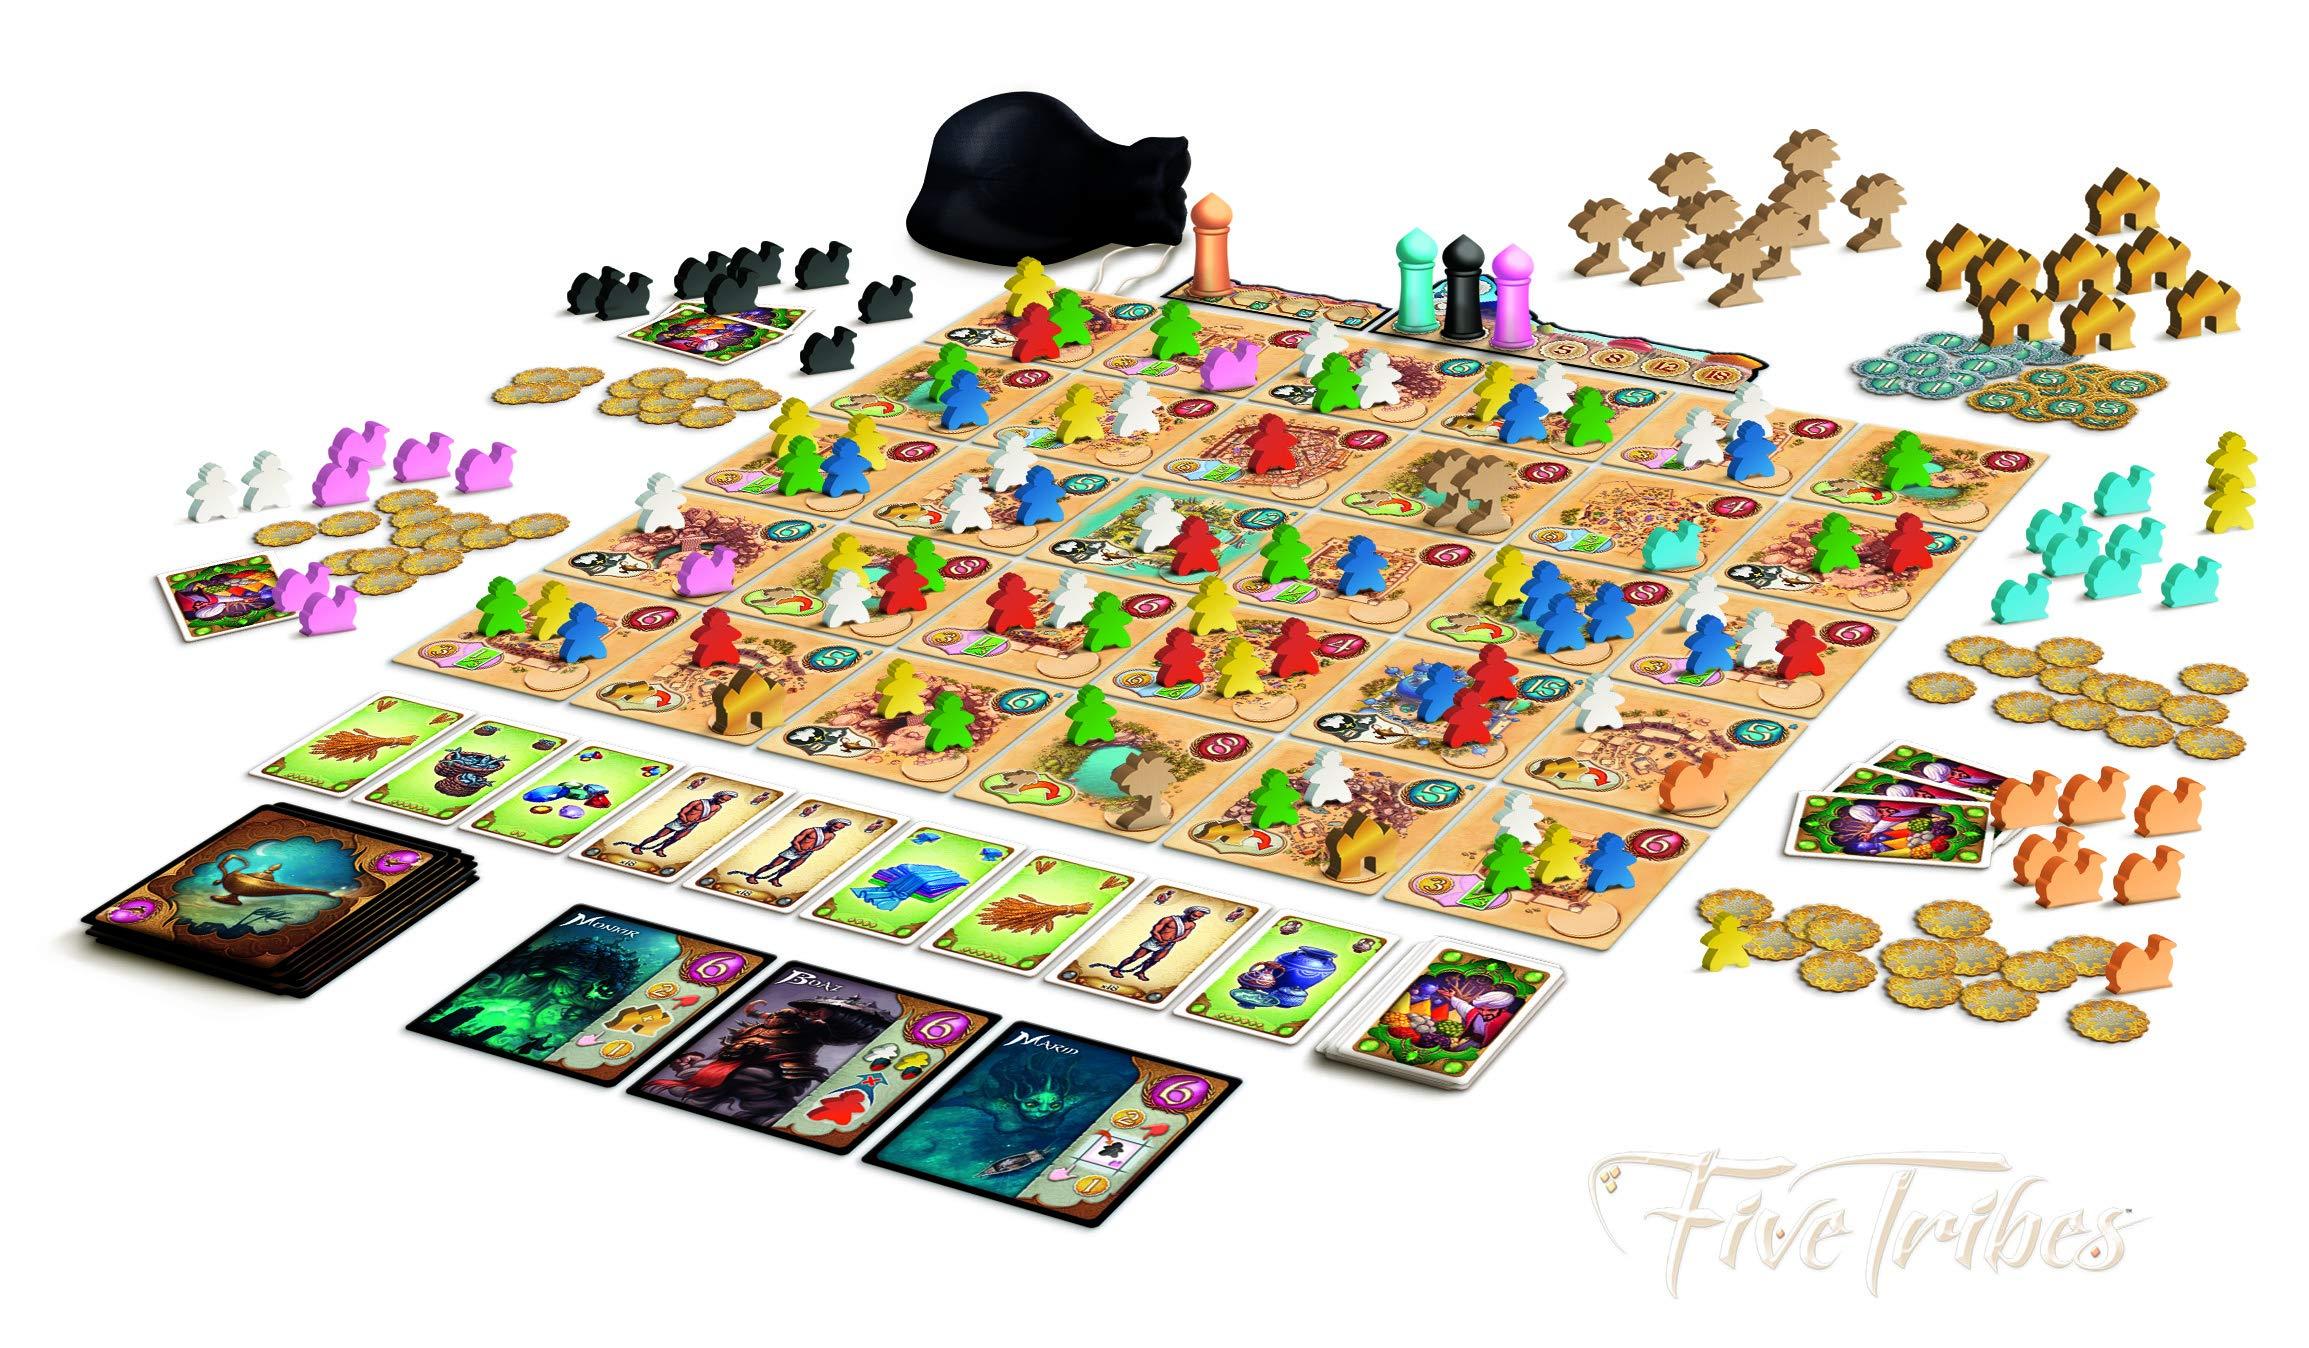 Days of Wonder - Juego de Mesa, de 2 a 4 Jugadores (DOW8401) (Importado): Amazon.es: Juguetes y juegos